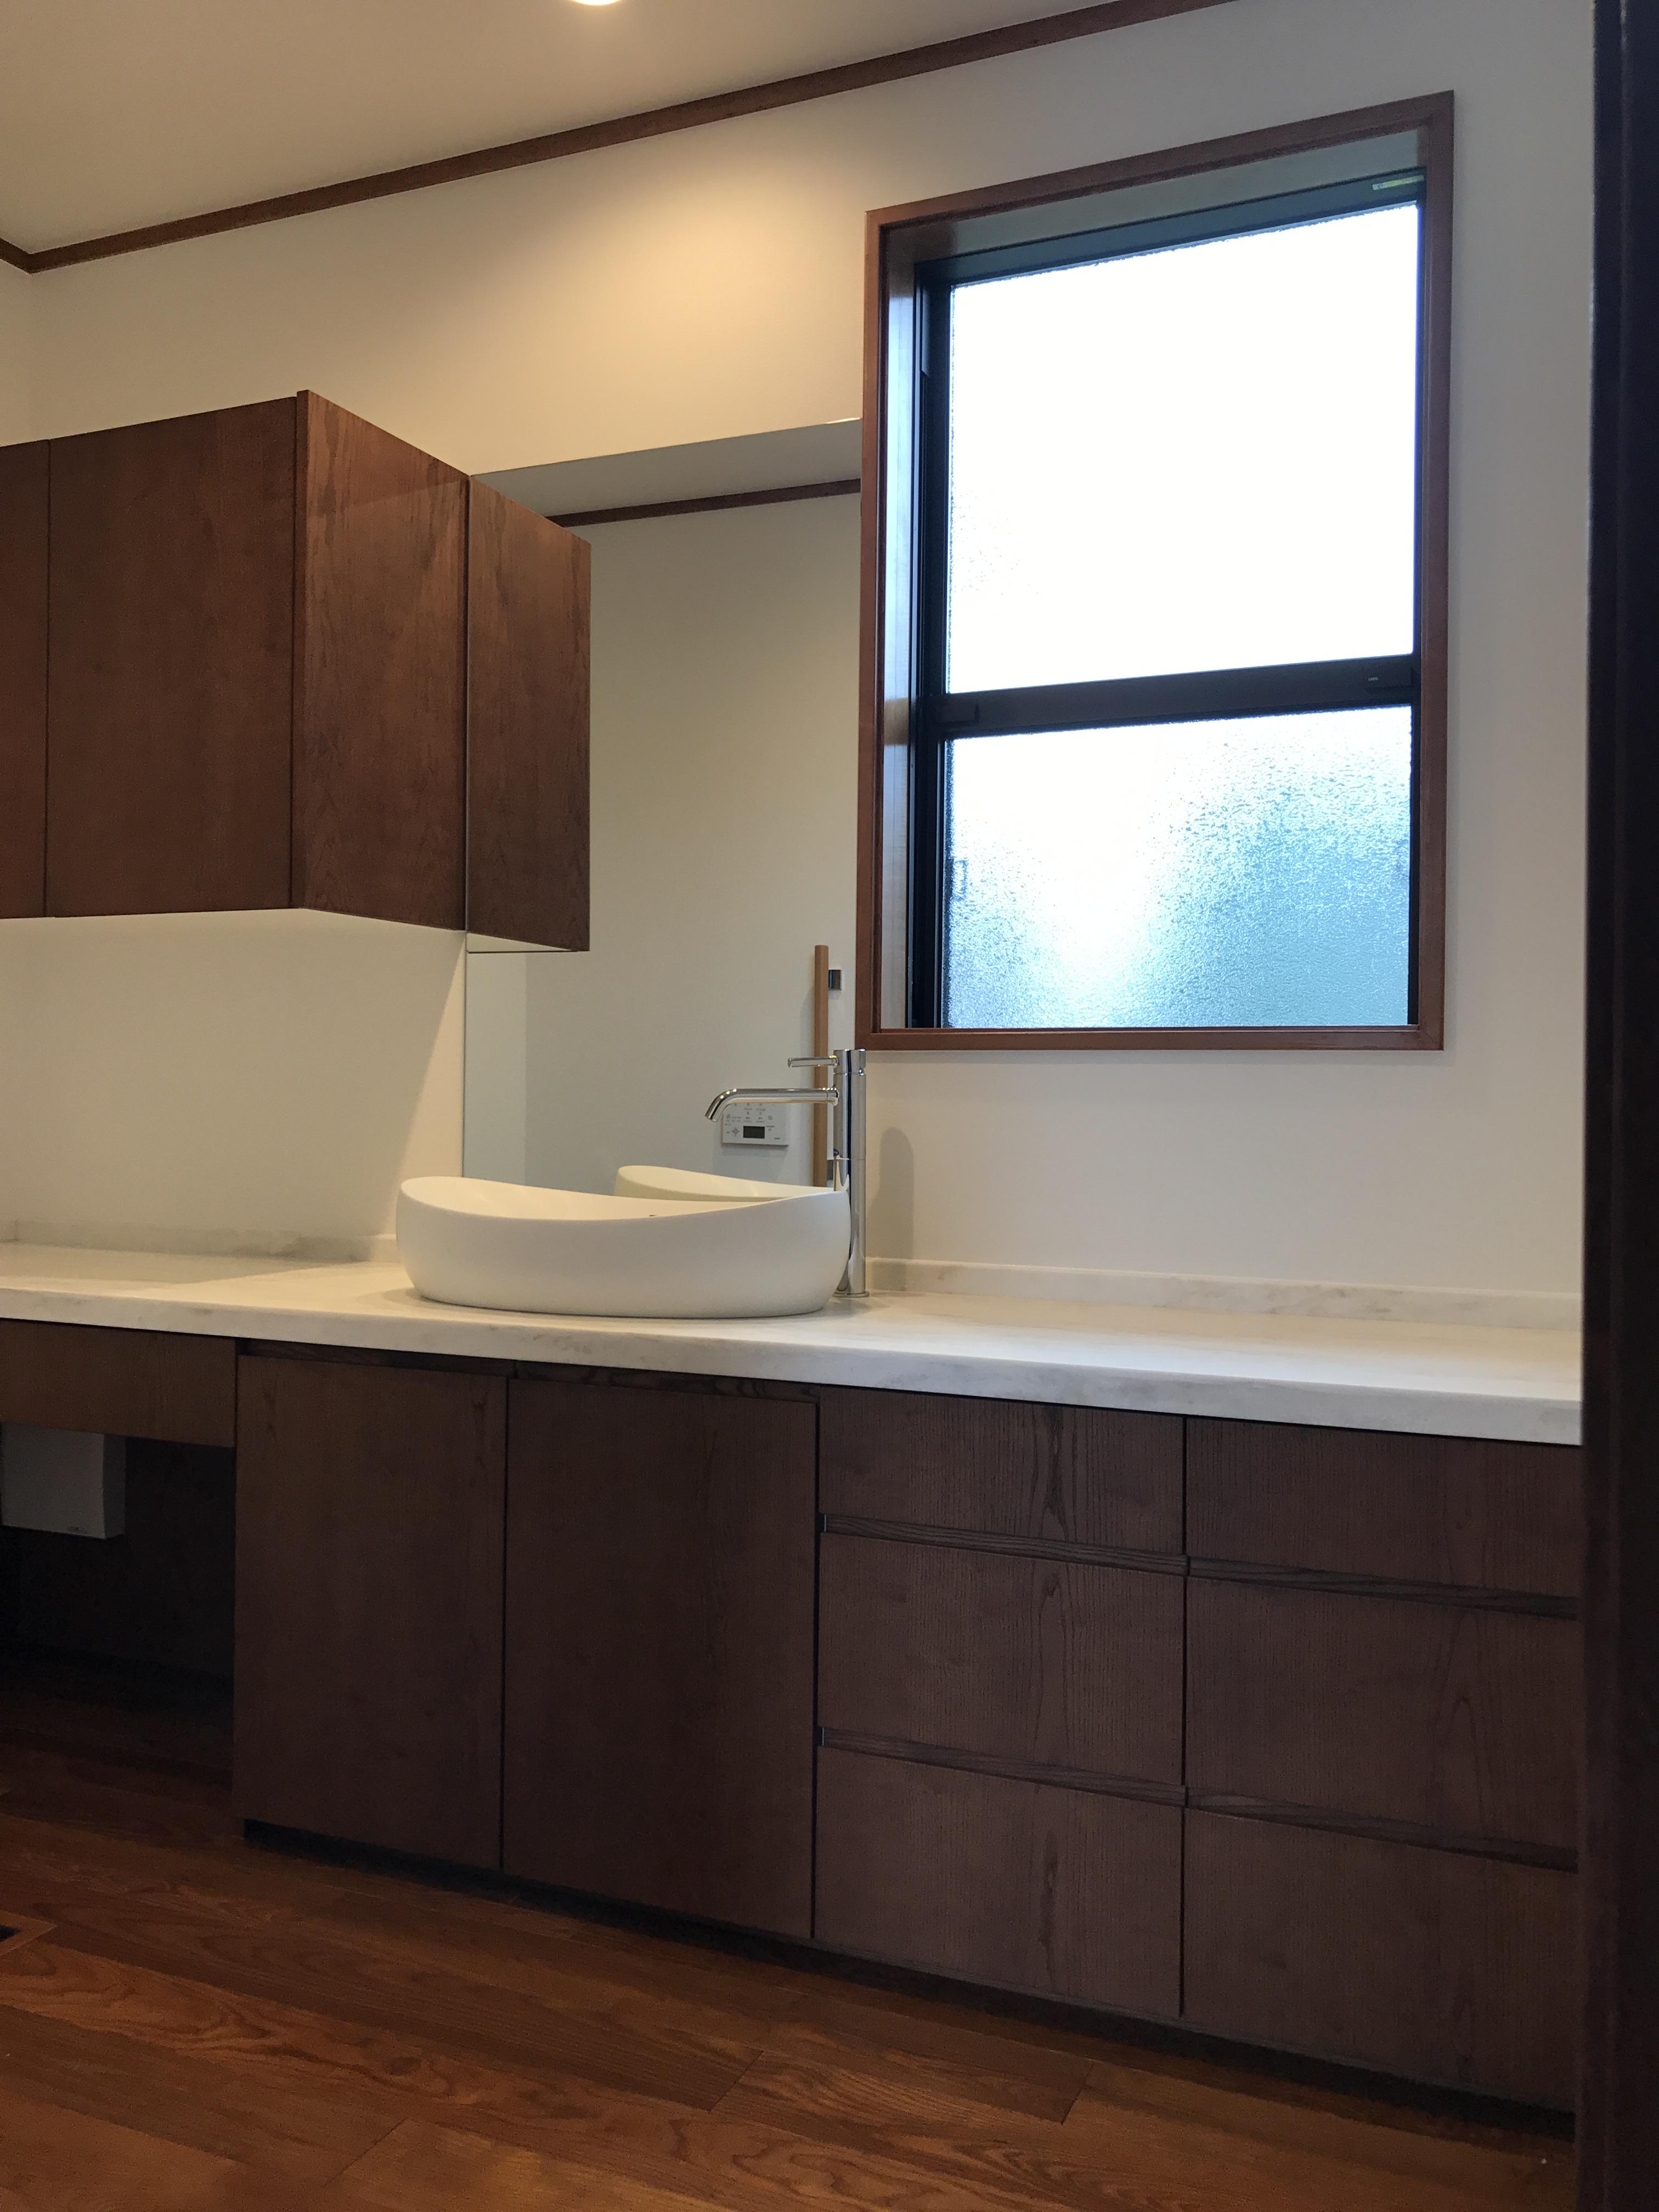 木の扉収納、バリアフリートイレないの手洗いスペース